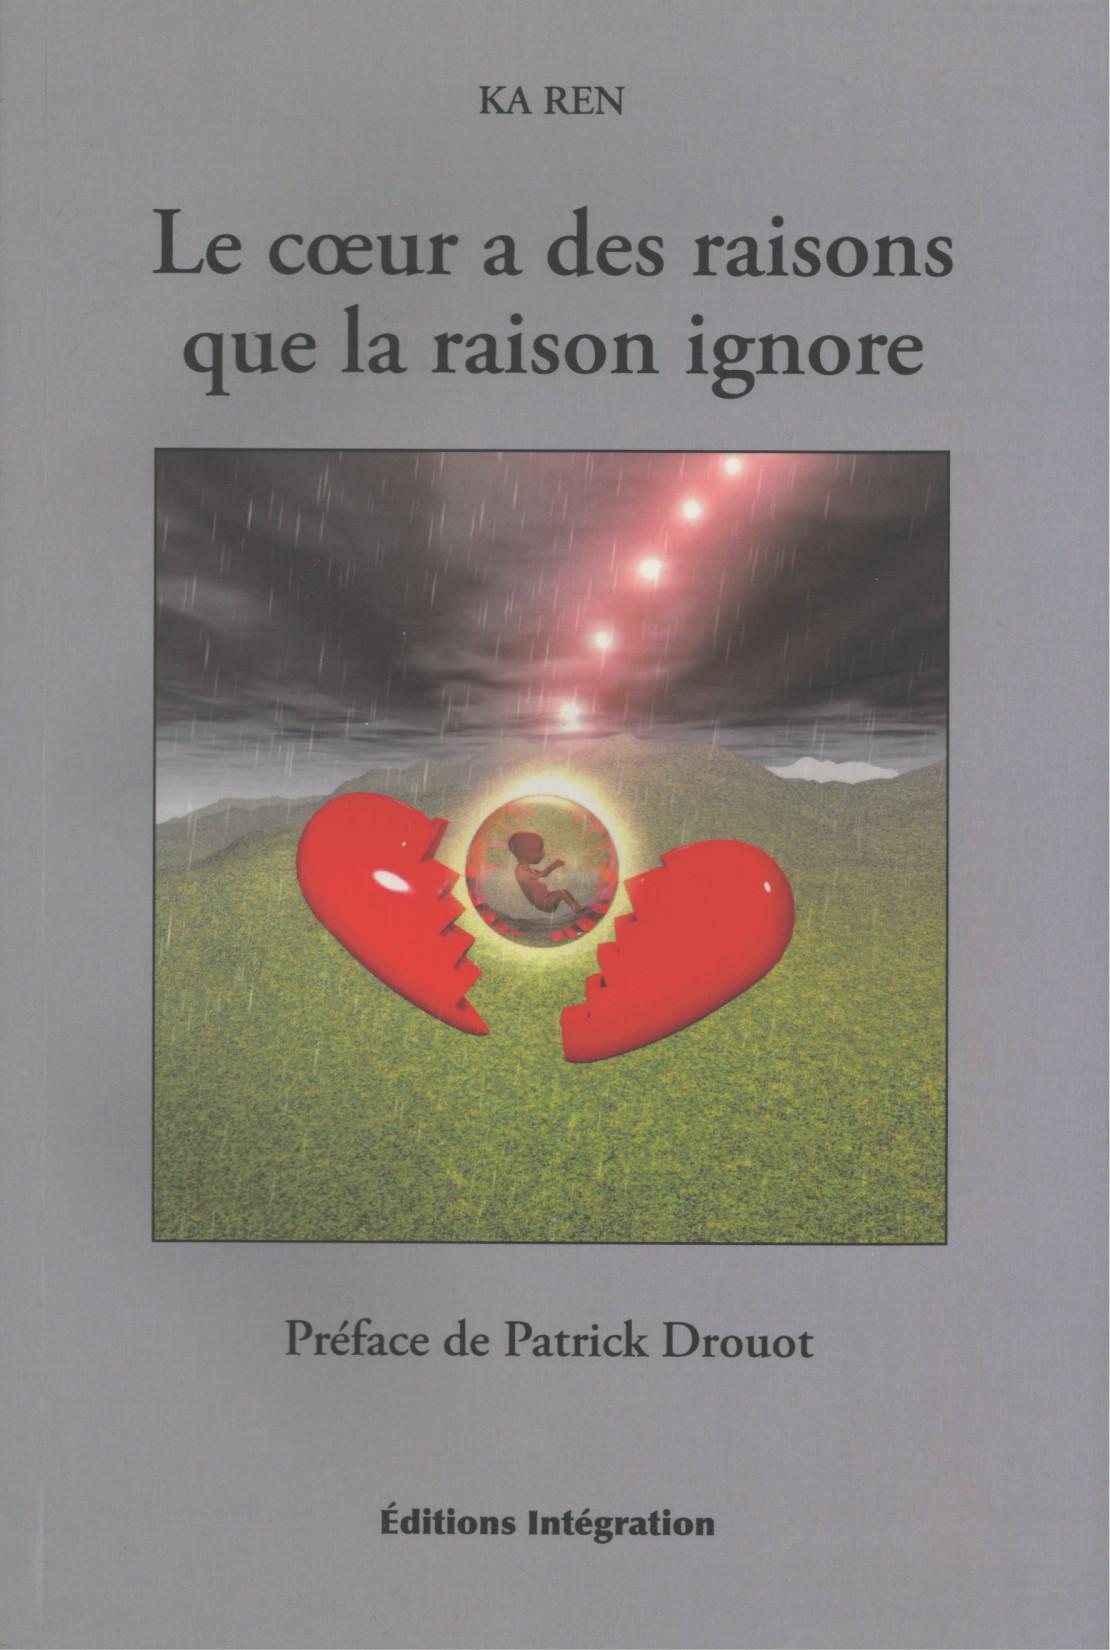 LE COEUR A DES RAISONS